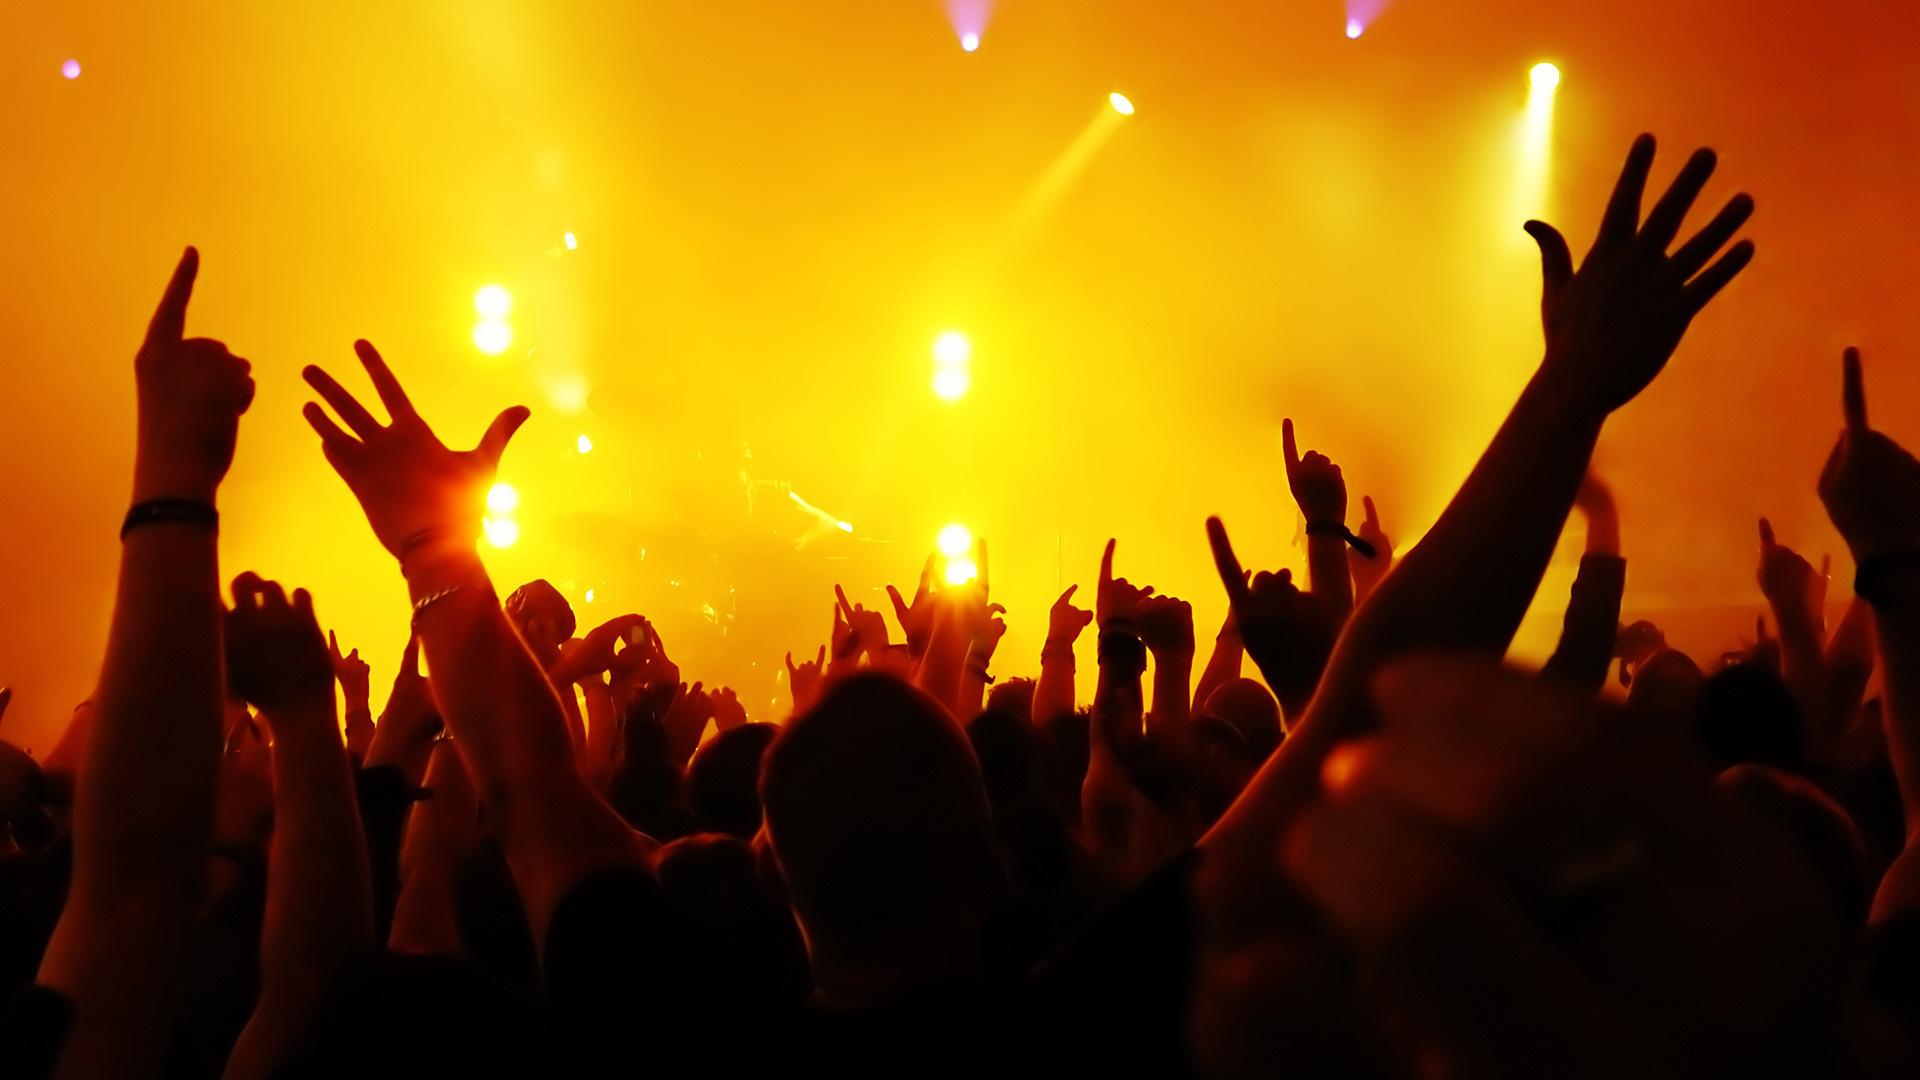 Ако имате свободно време отидете на фестивал, мач или концерт